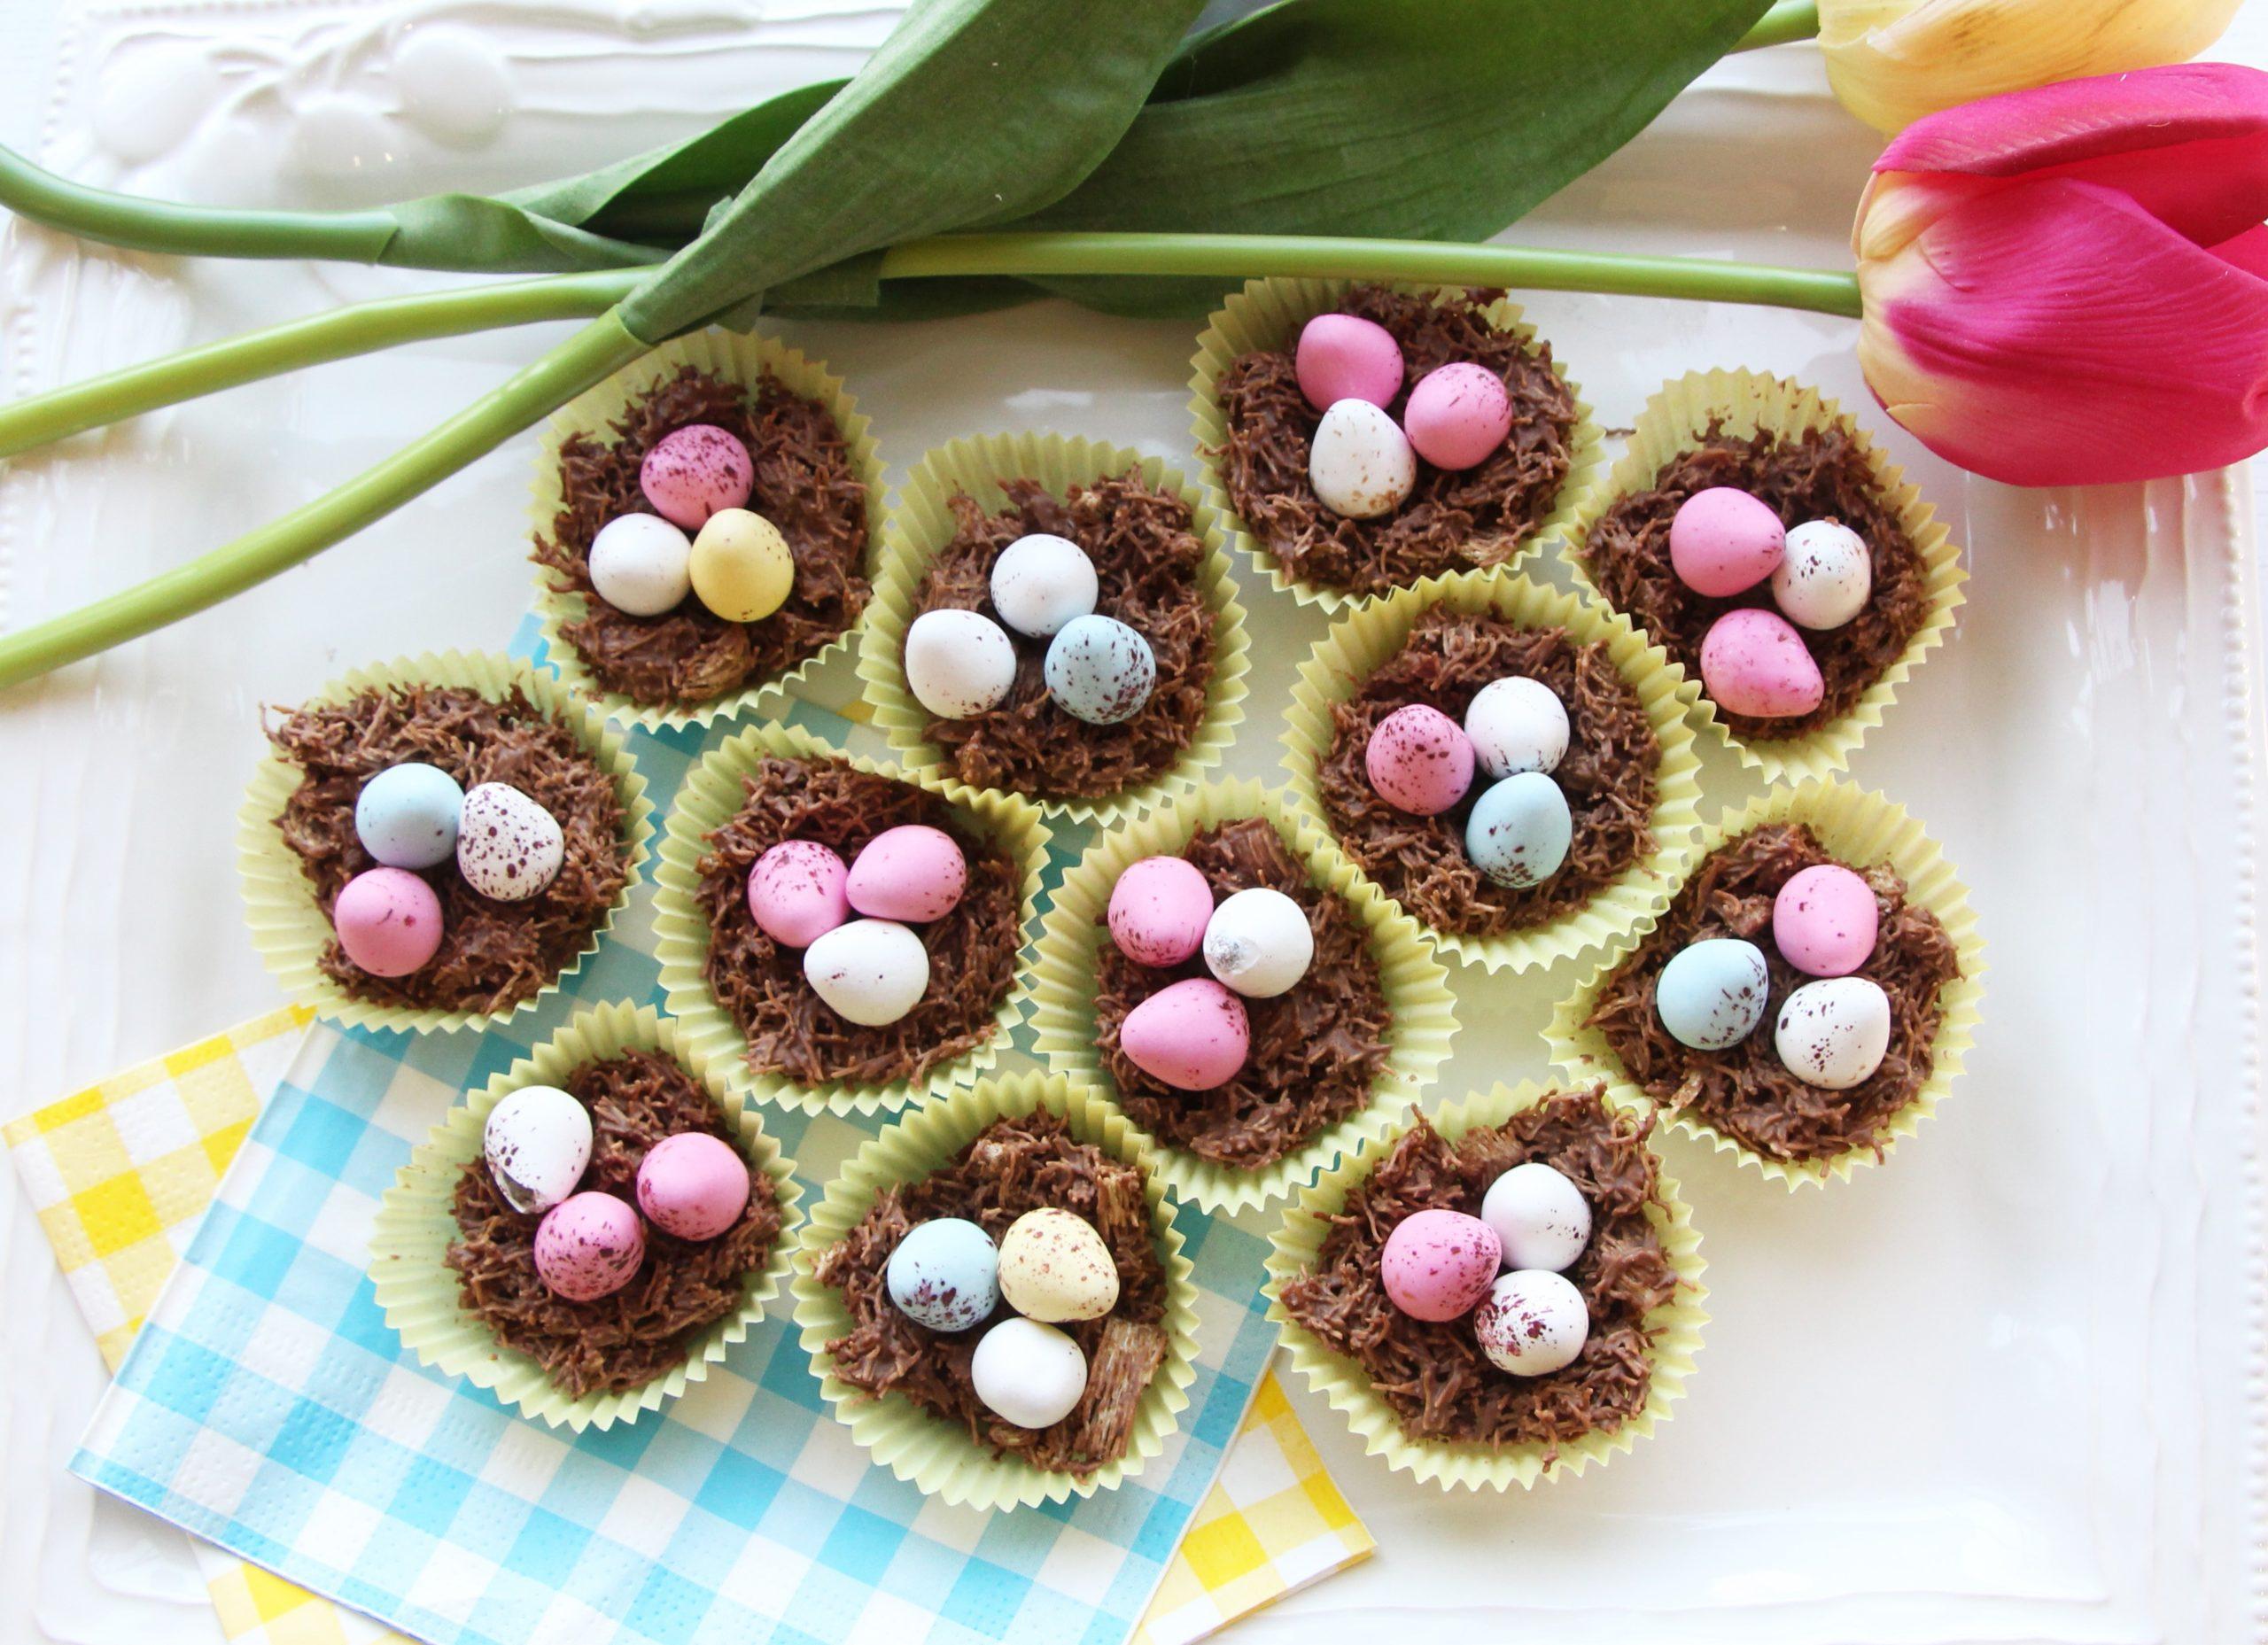 Cupcakes au chocolat.